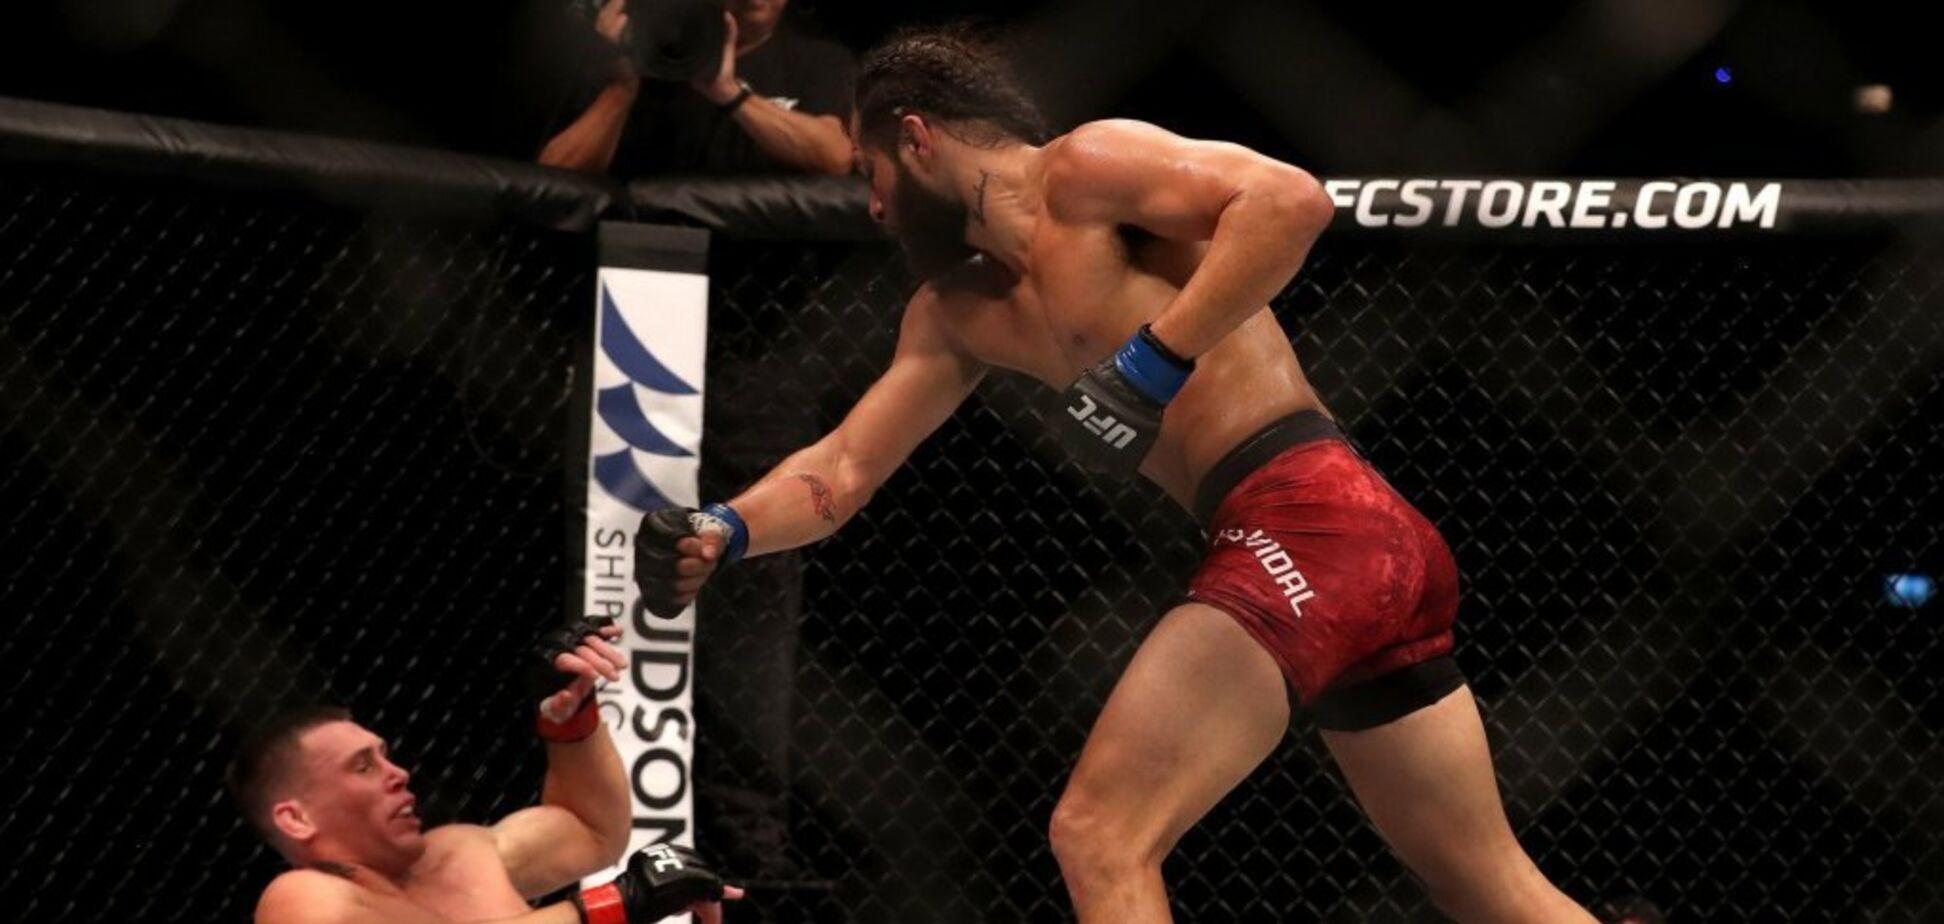 Топовый боец UFC избил соперника во время интервью - момент попал в эфир